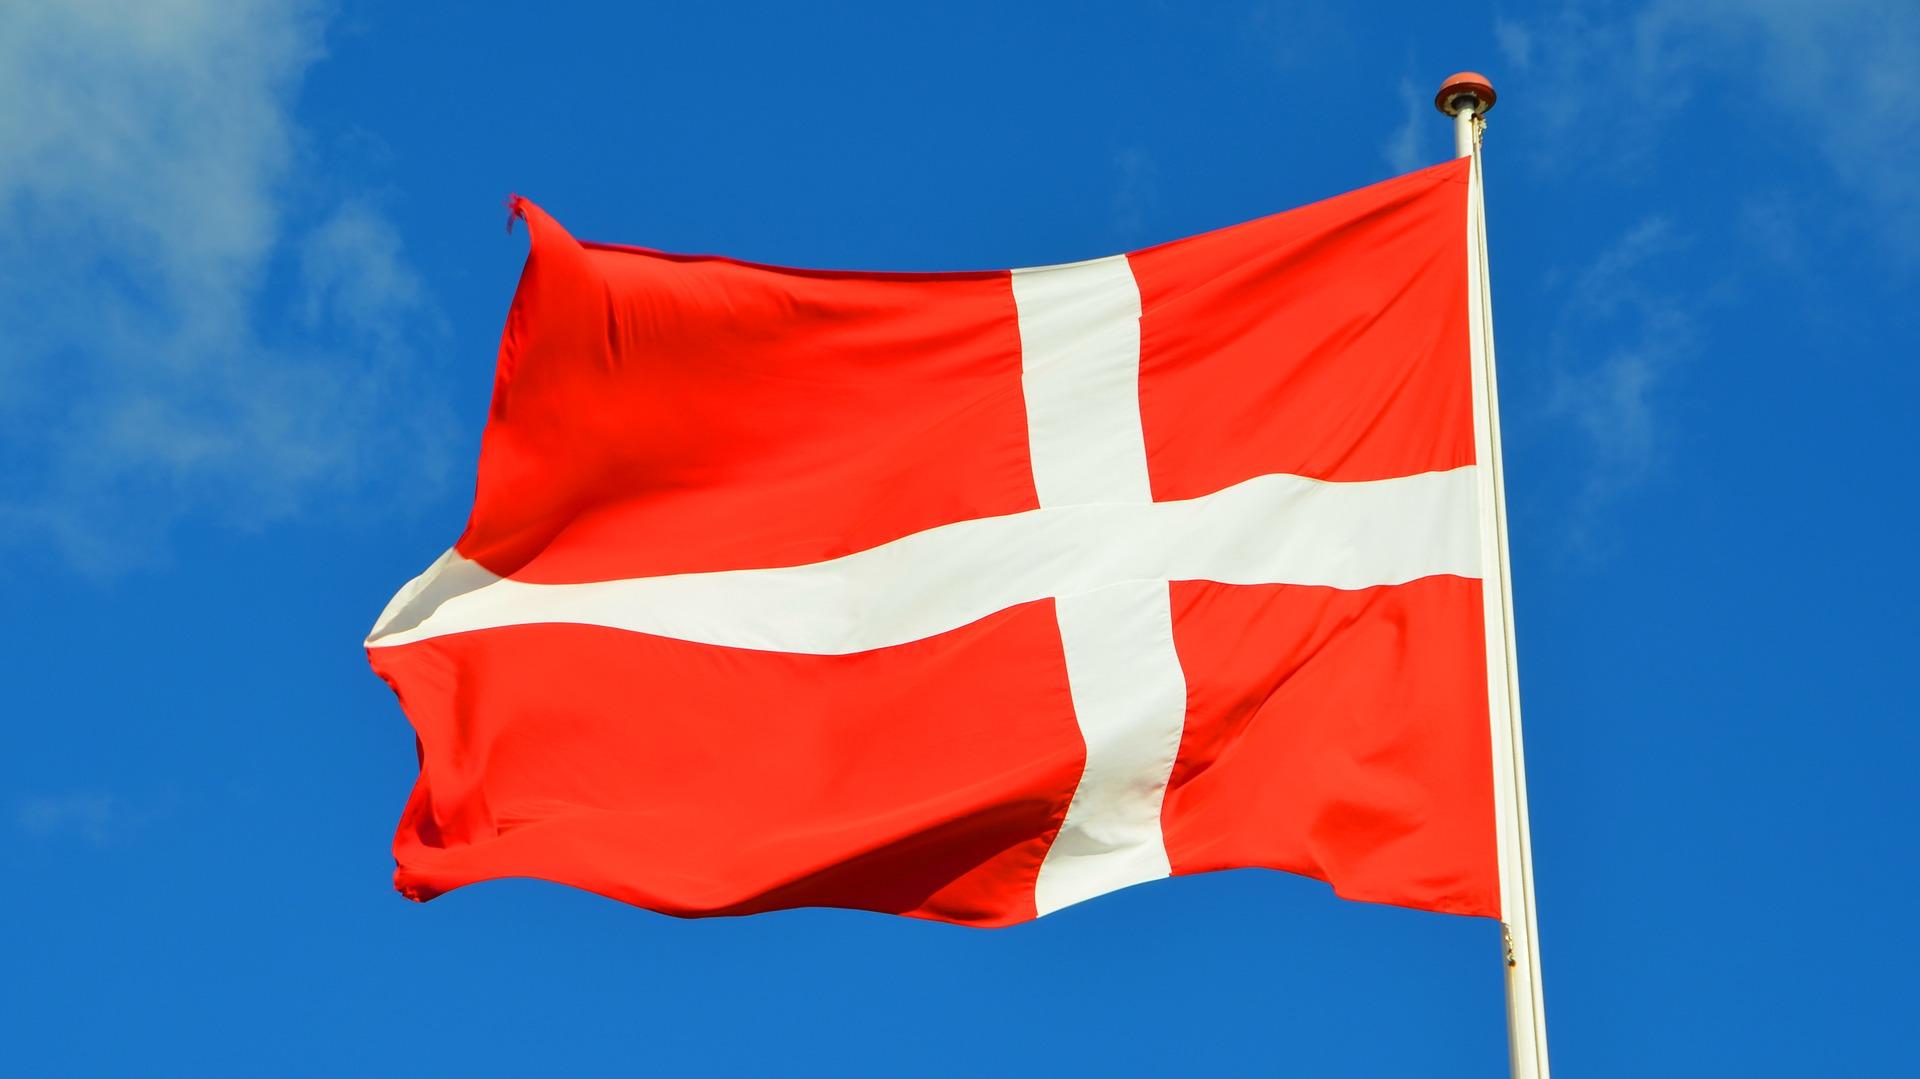 Danska pozvala na konzultacije veleposlanika u Iranu